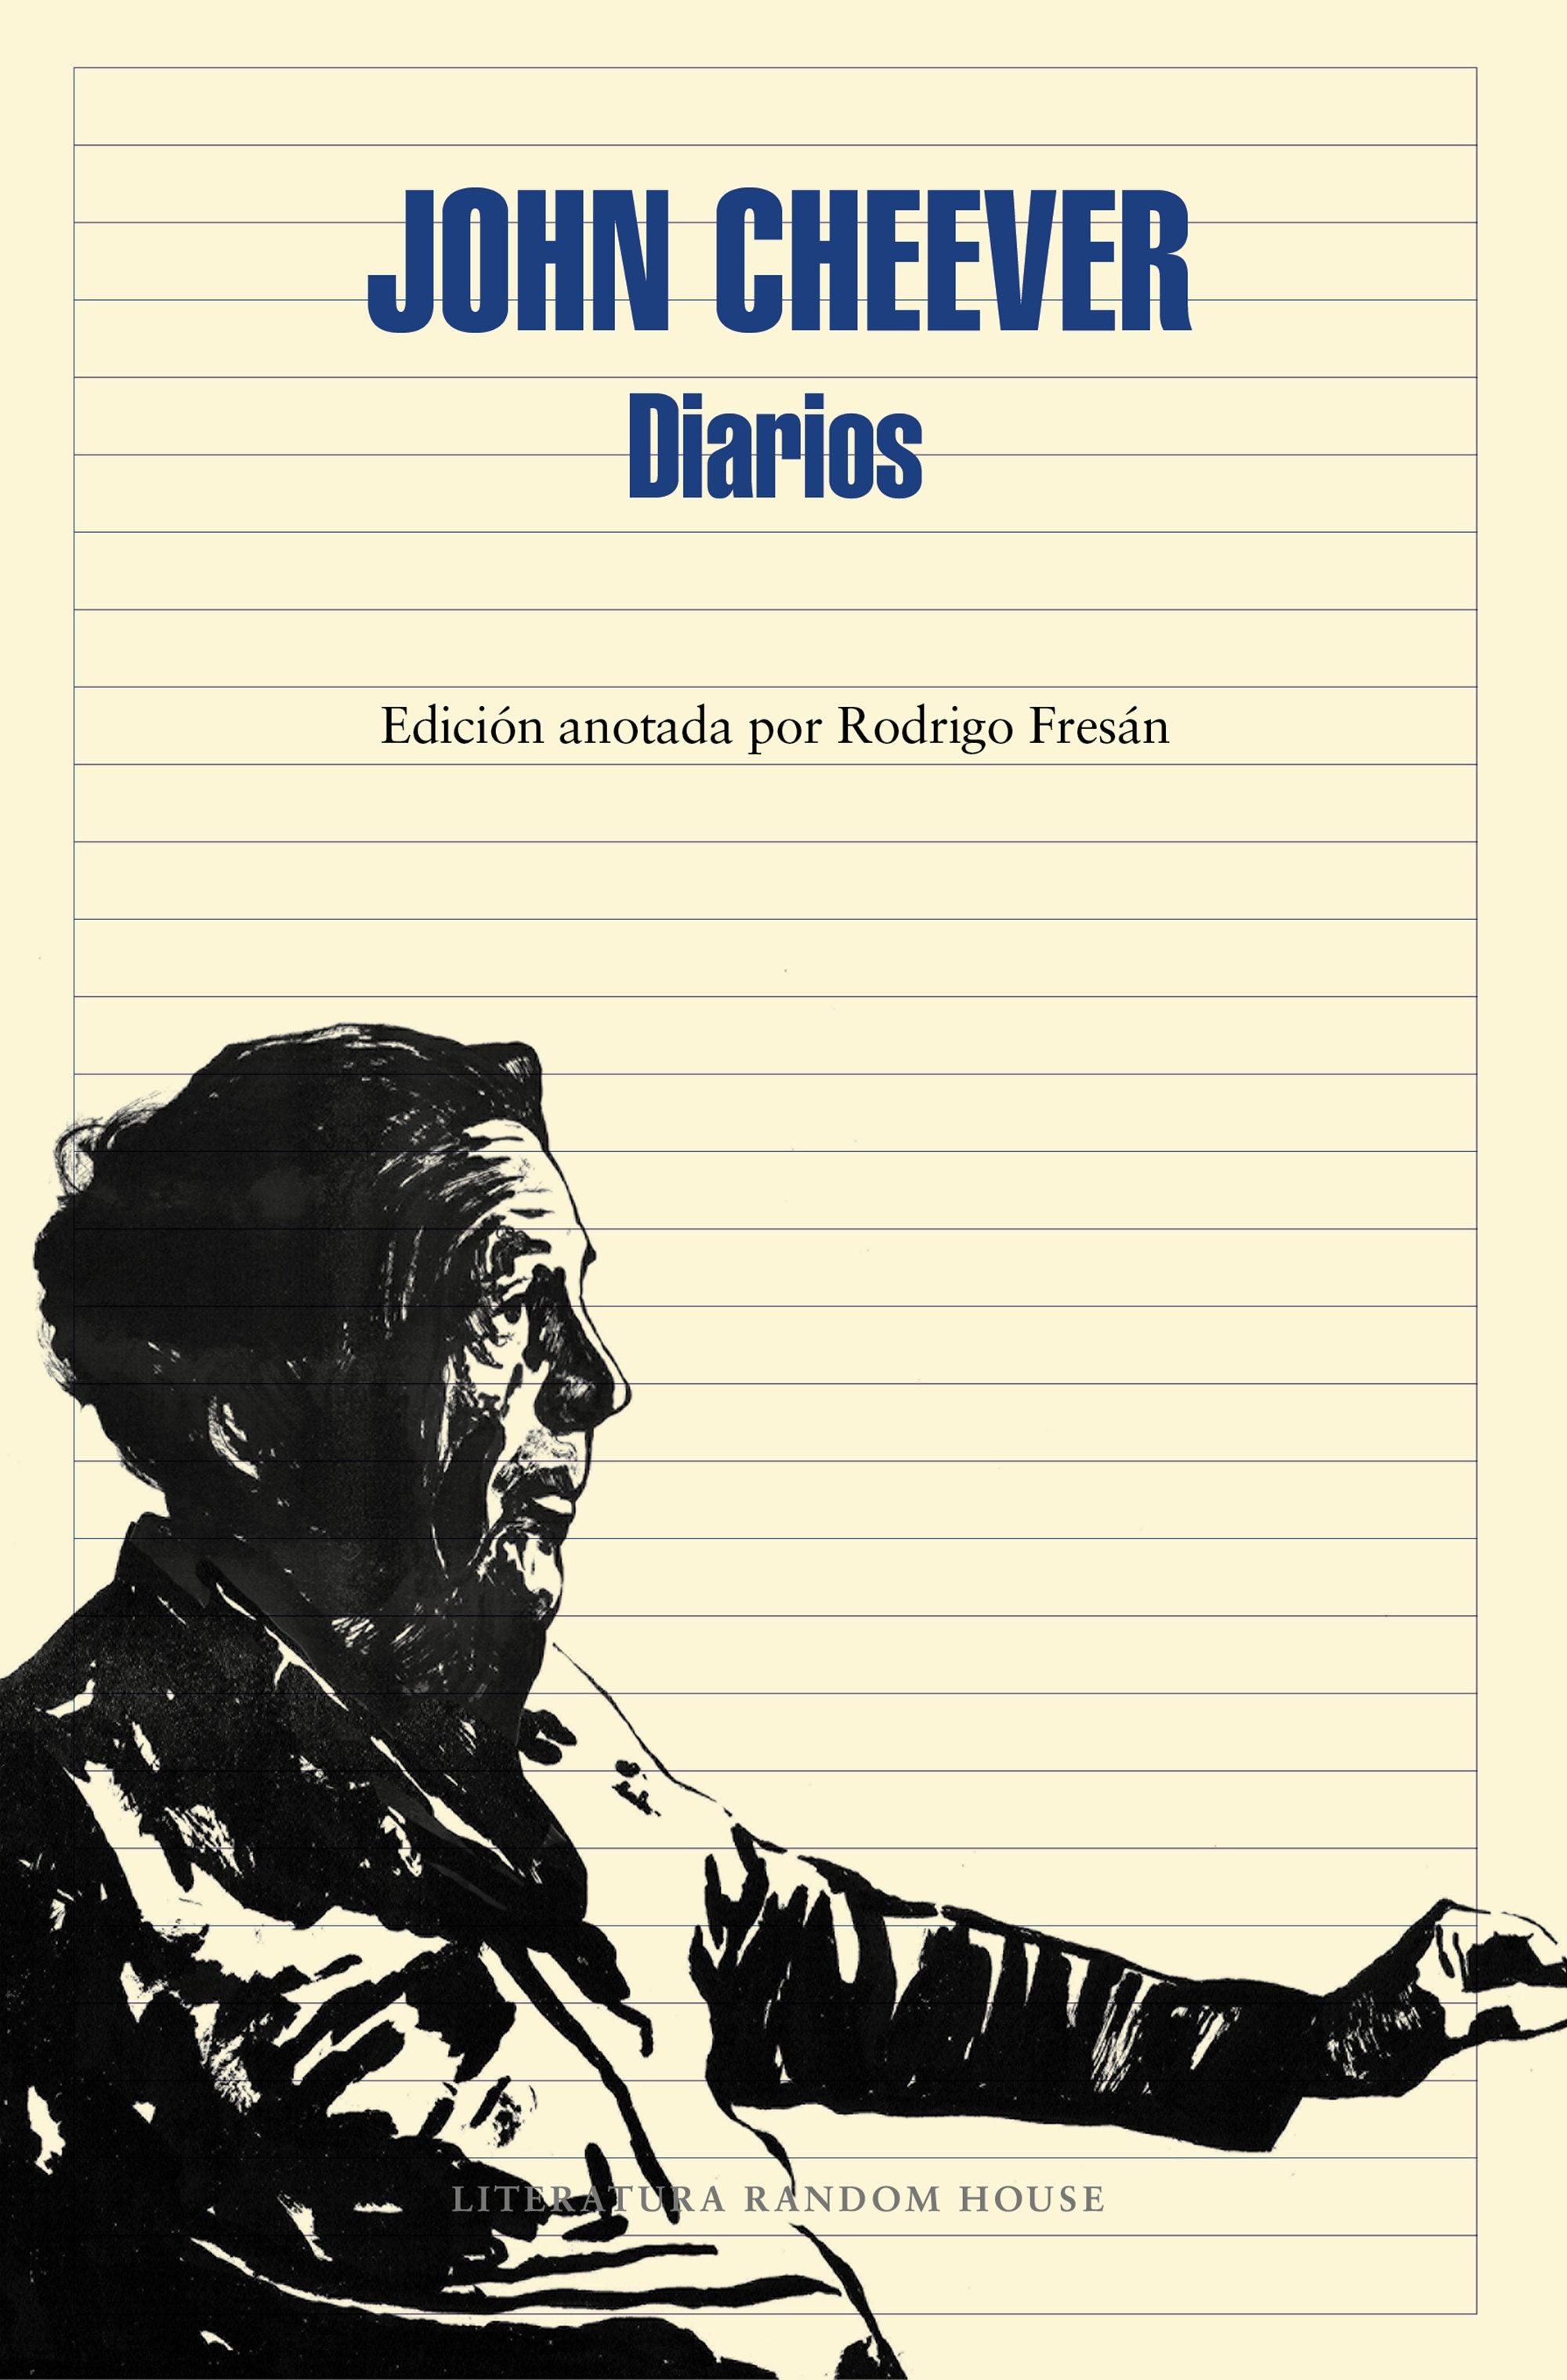 DIARIOS EBOOK | JOHN CHEEVER | Descargar libro PDF o EPUB 9788439734550